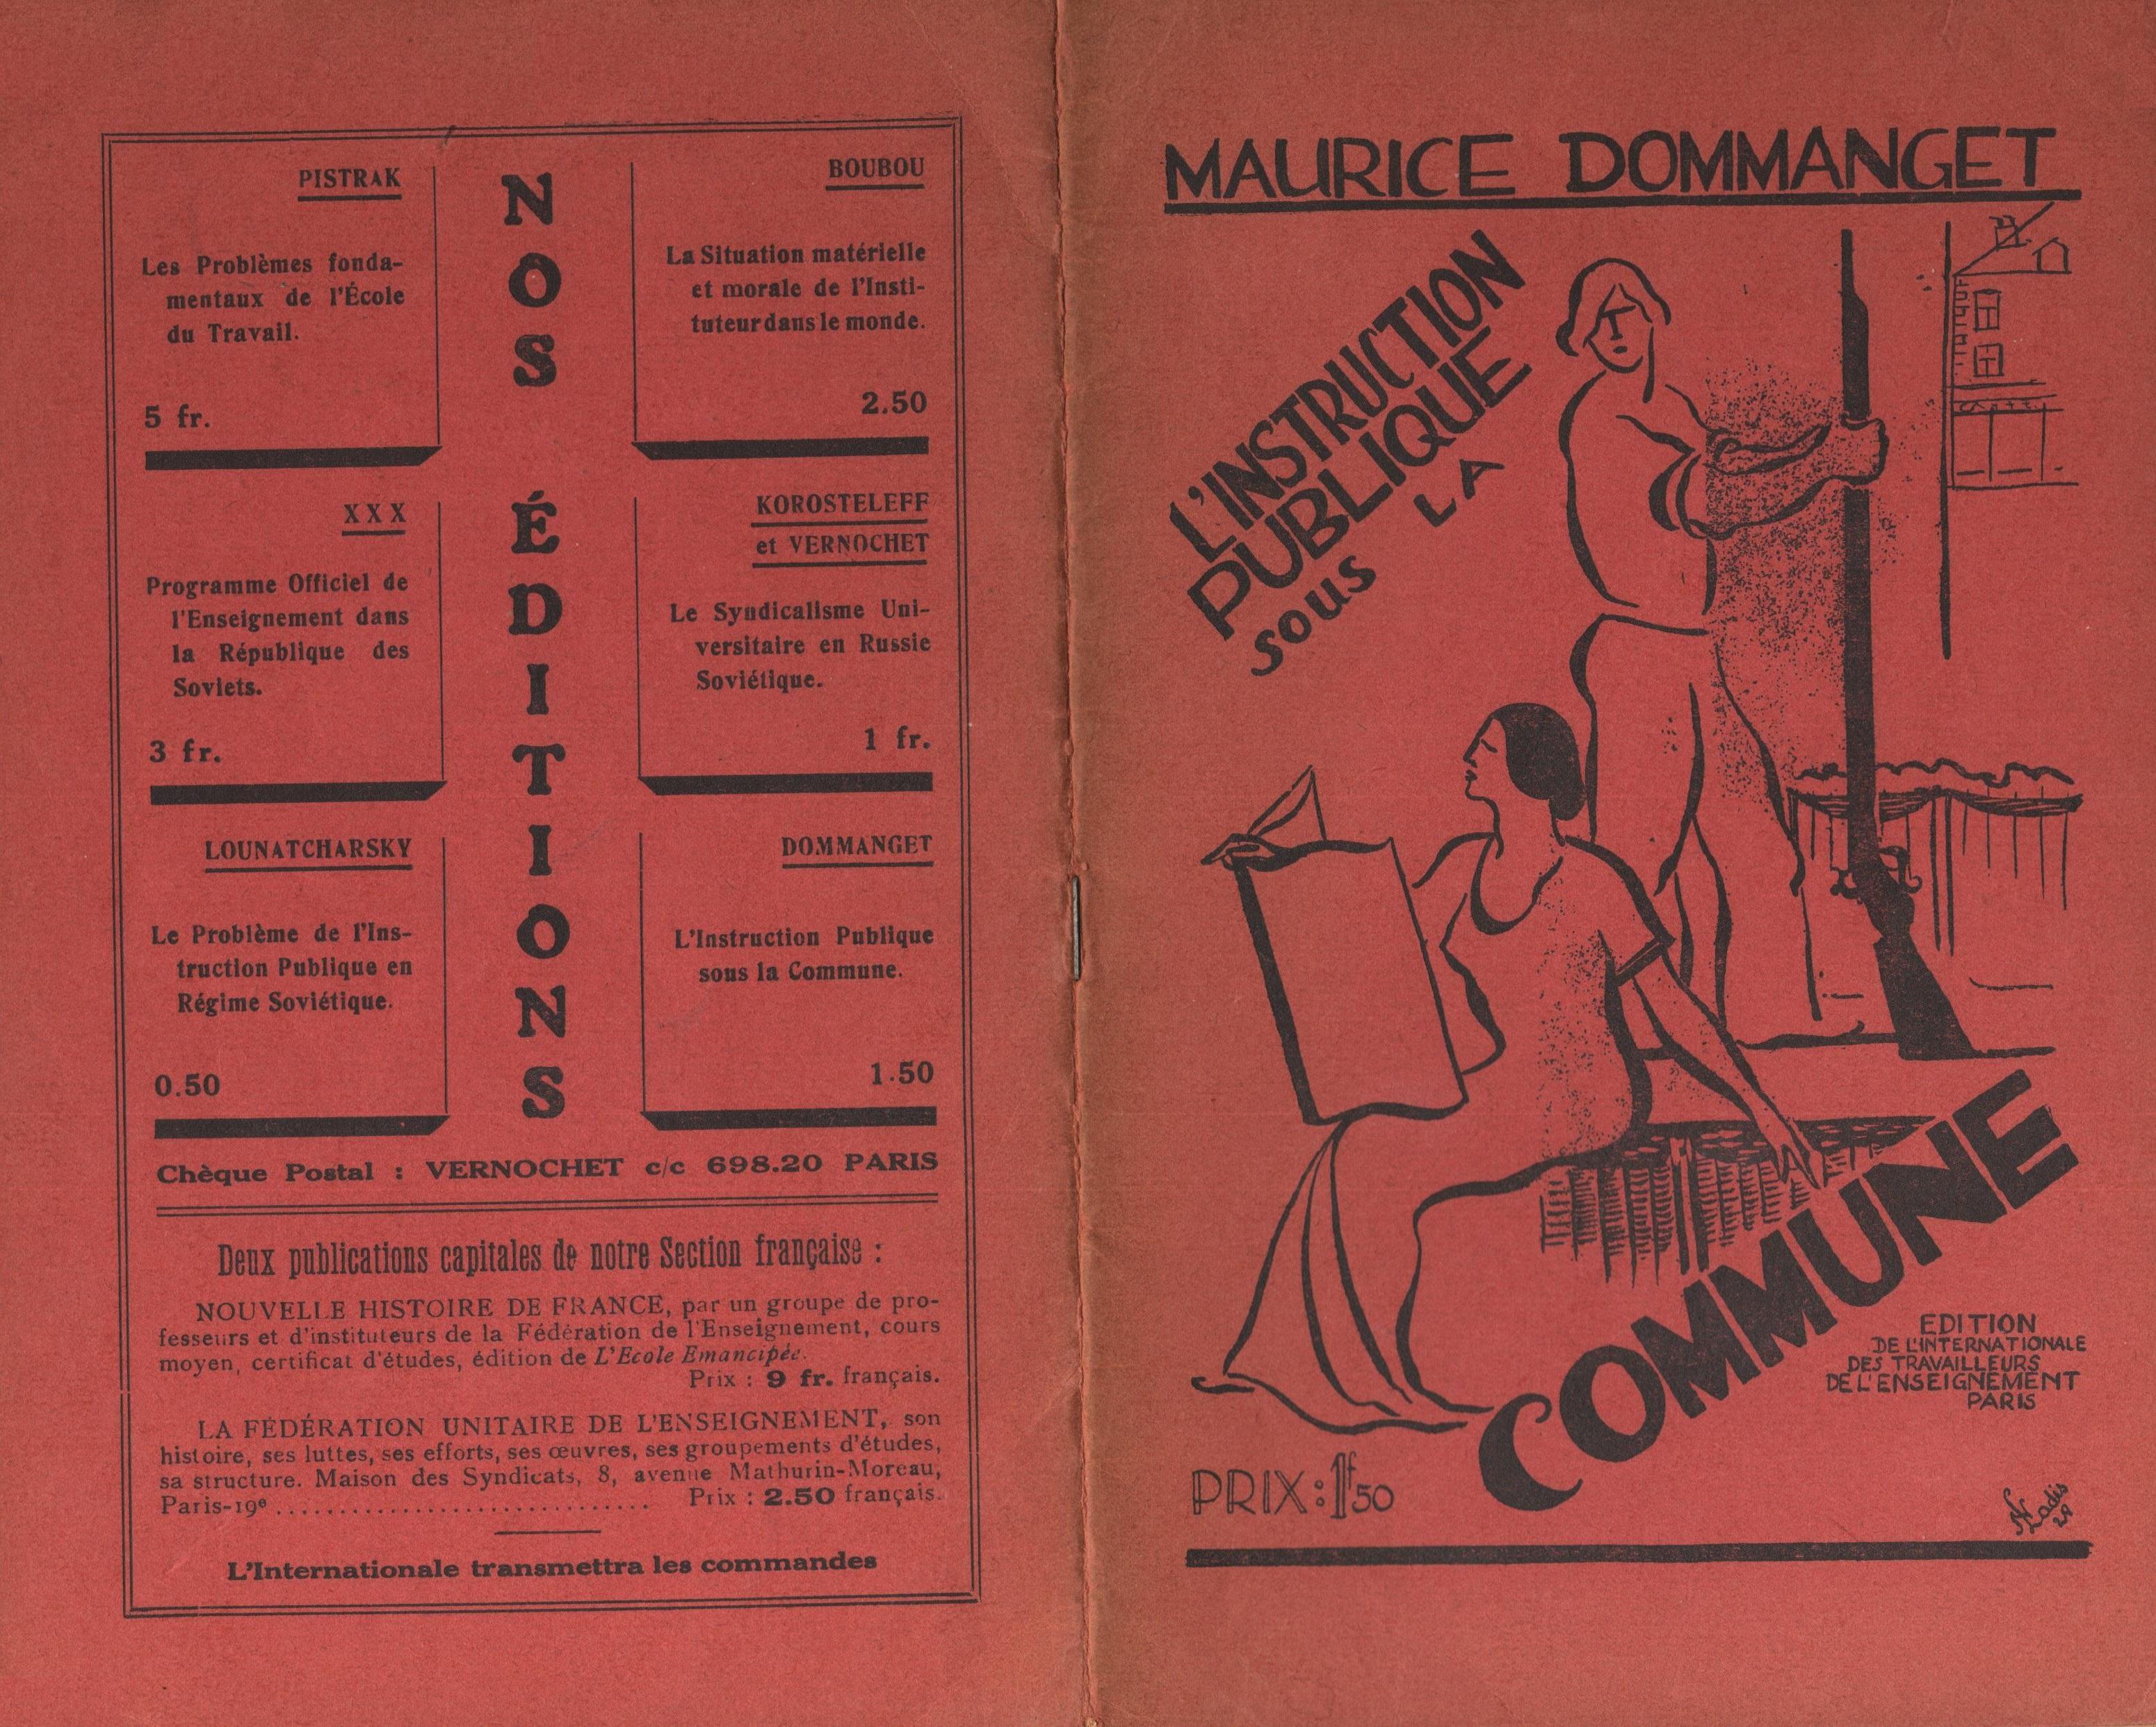 Maurice Dommanget, L'instruction publique sous la Commune - pag. 01